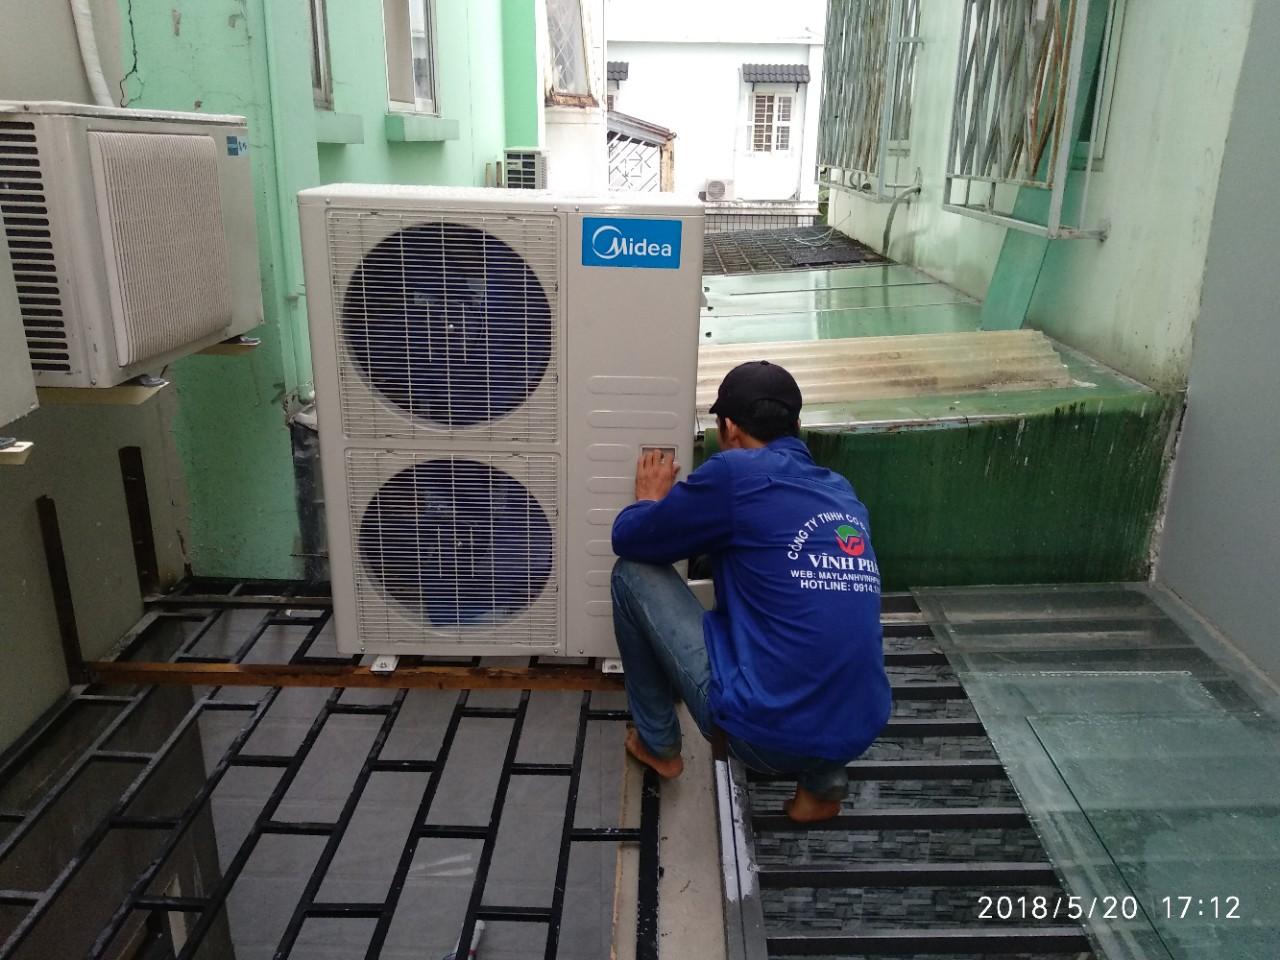 Lắp máy lạnh MIDEA tại Bộ tư pháp - Thủ Đức (6)